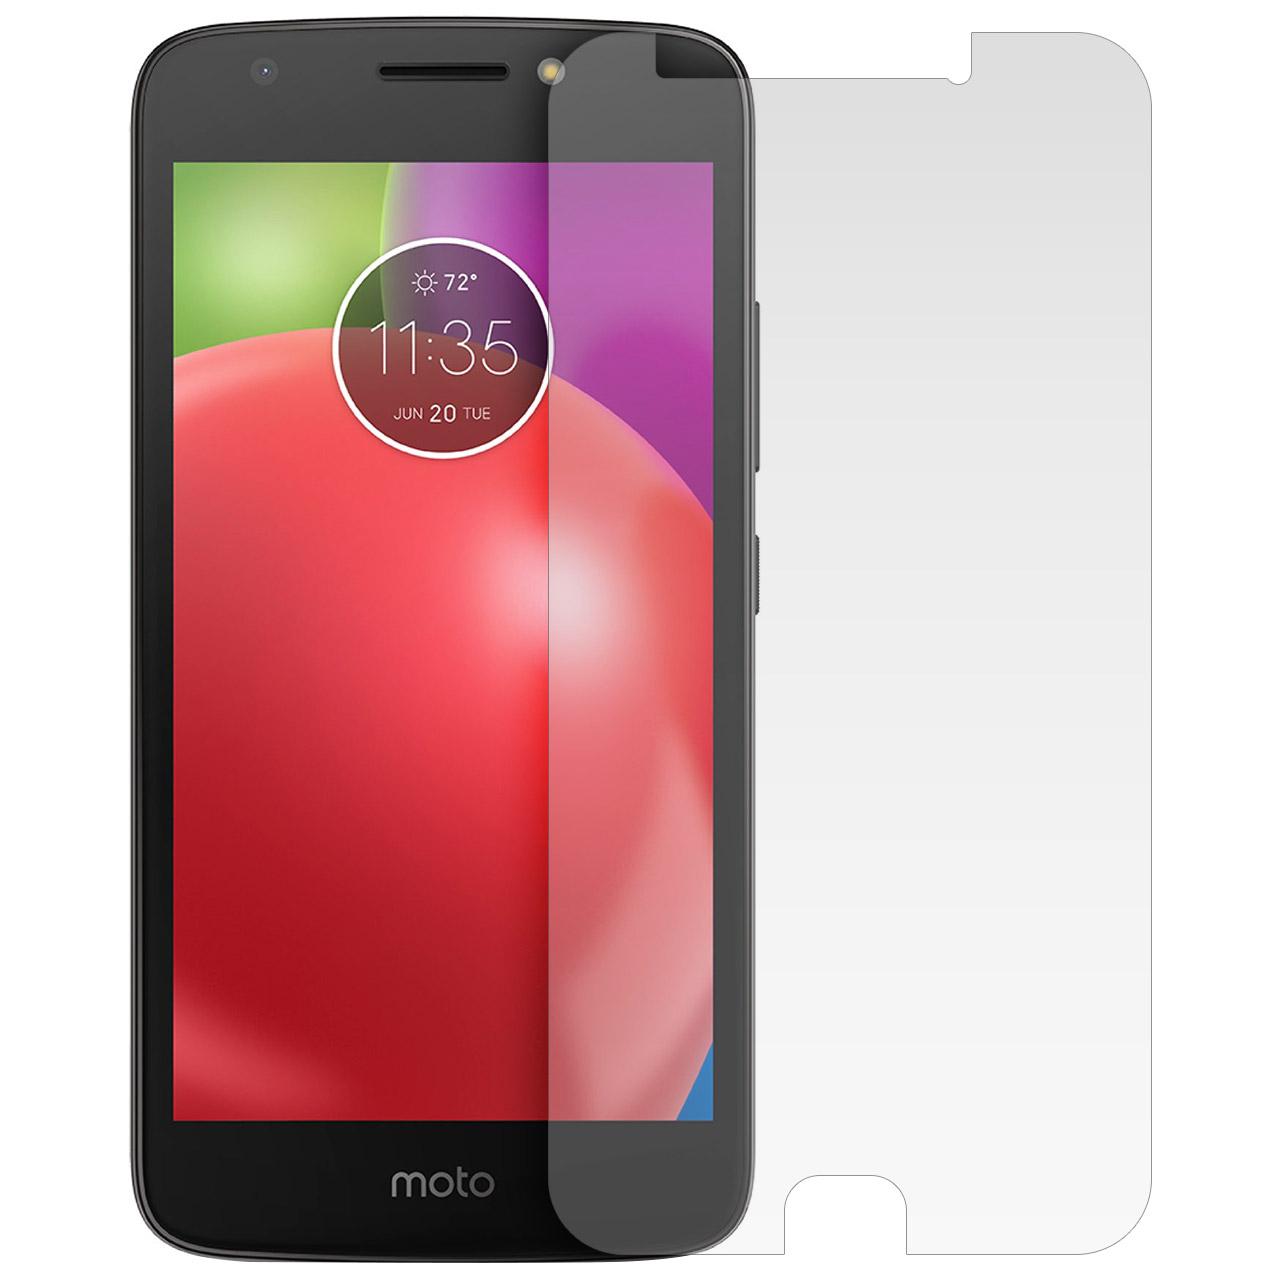 محافظ صفحه نمایش شیشه ای مدل Tempered مناسب برای گوشی موبایل موتورولا Moto E4